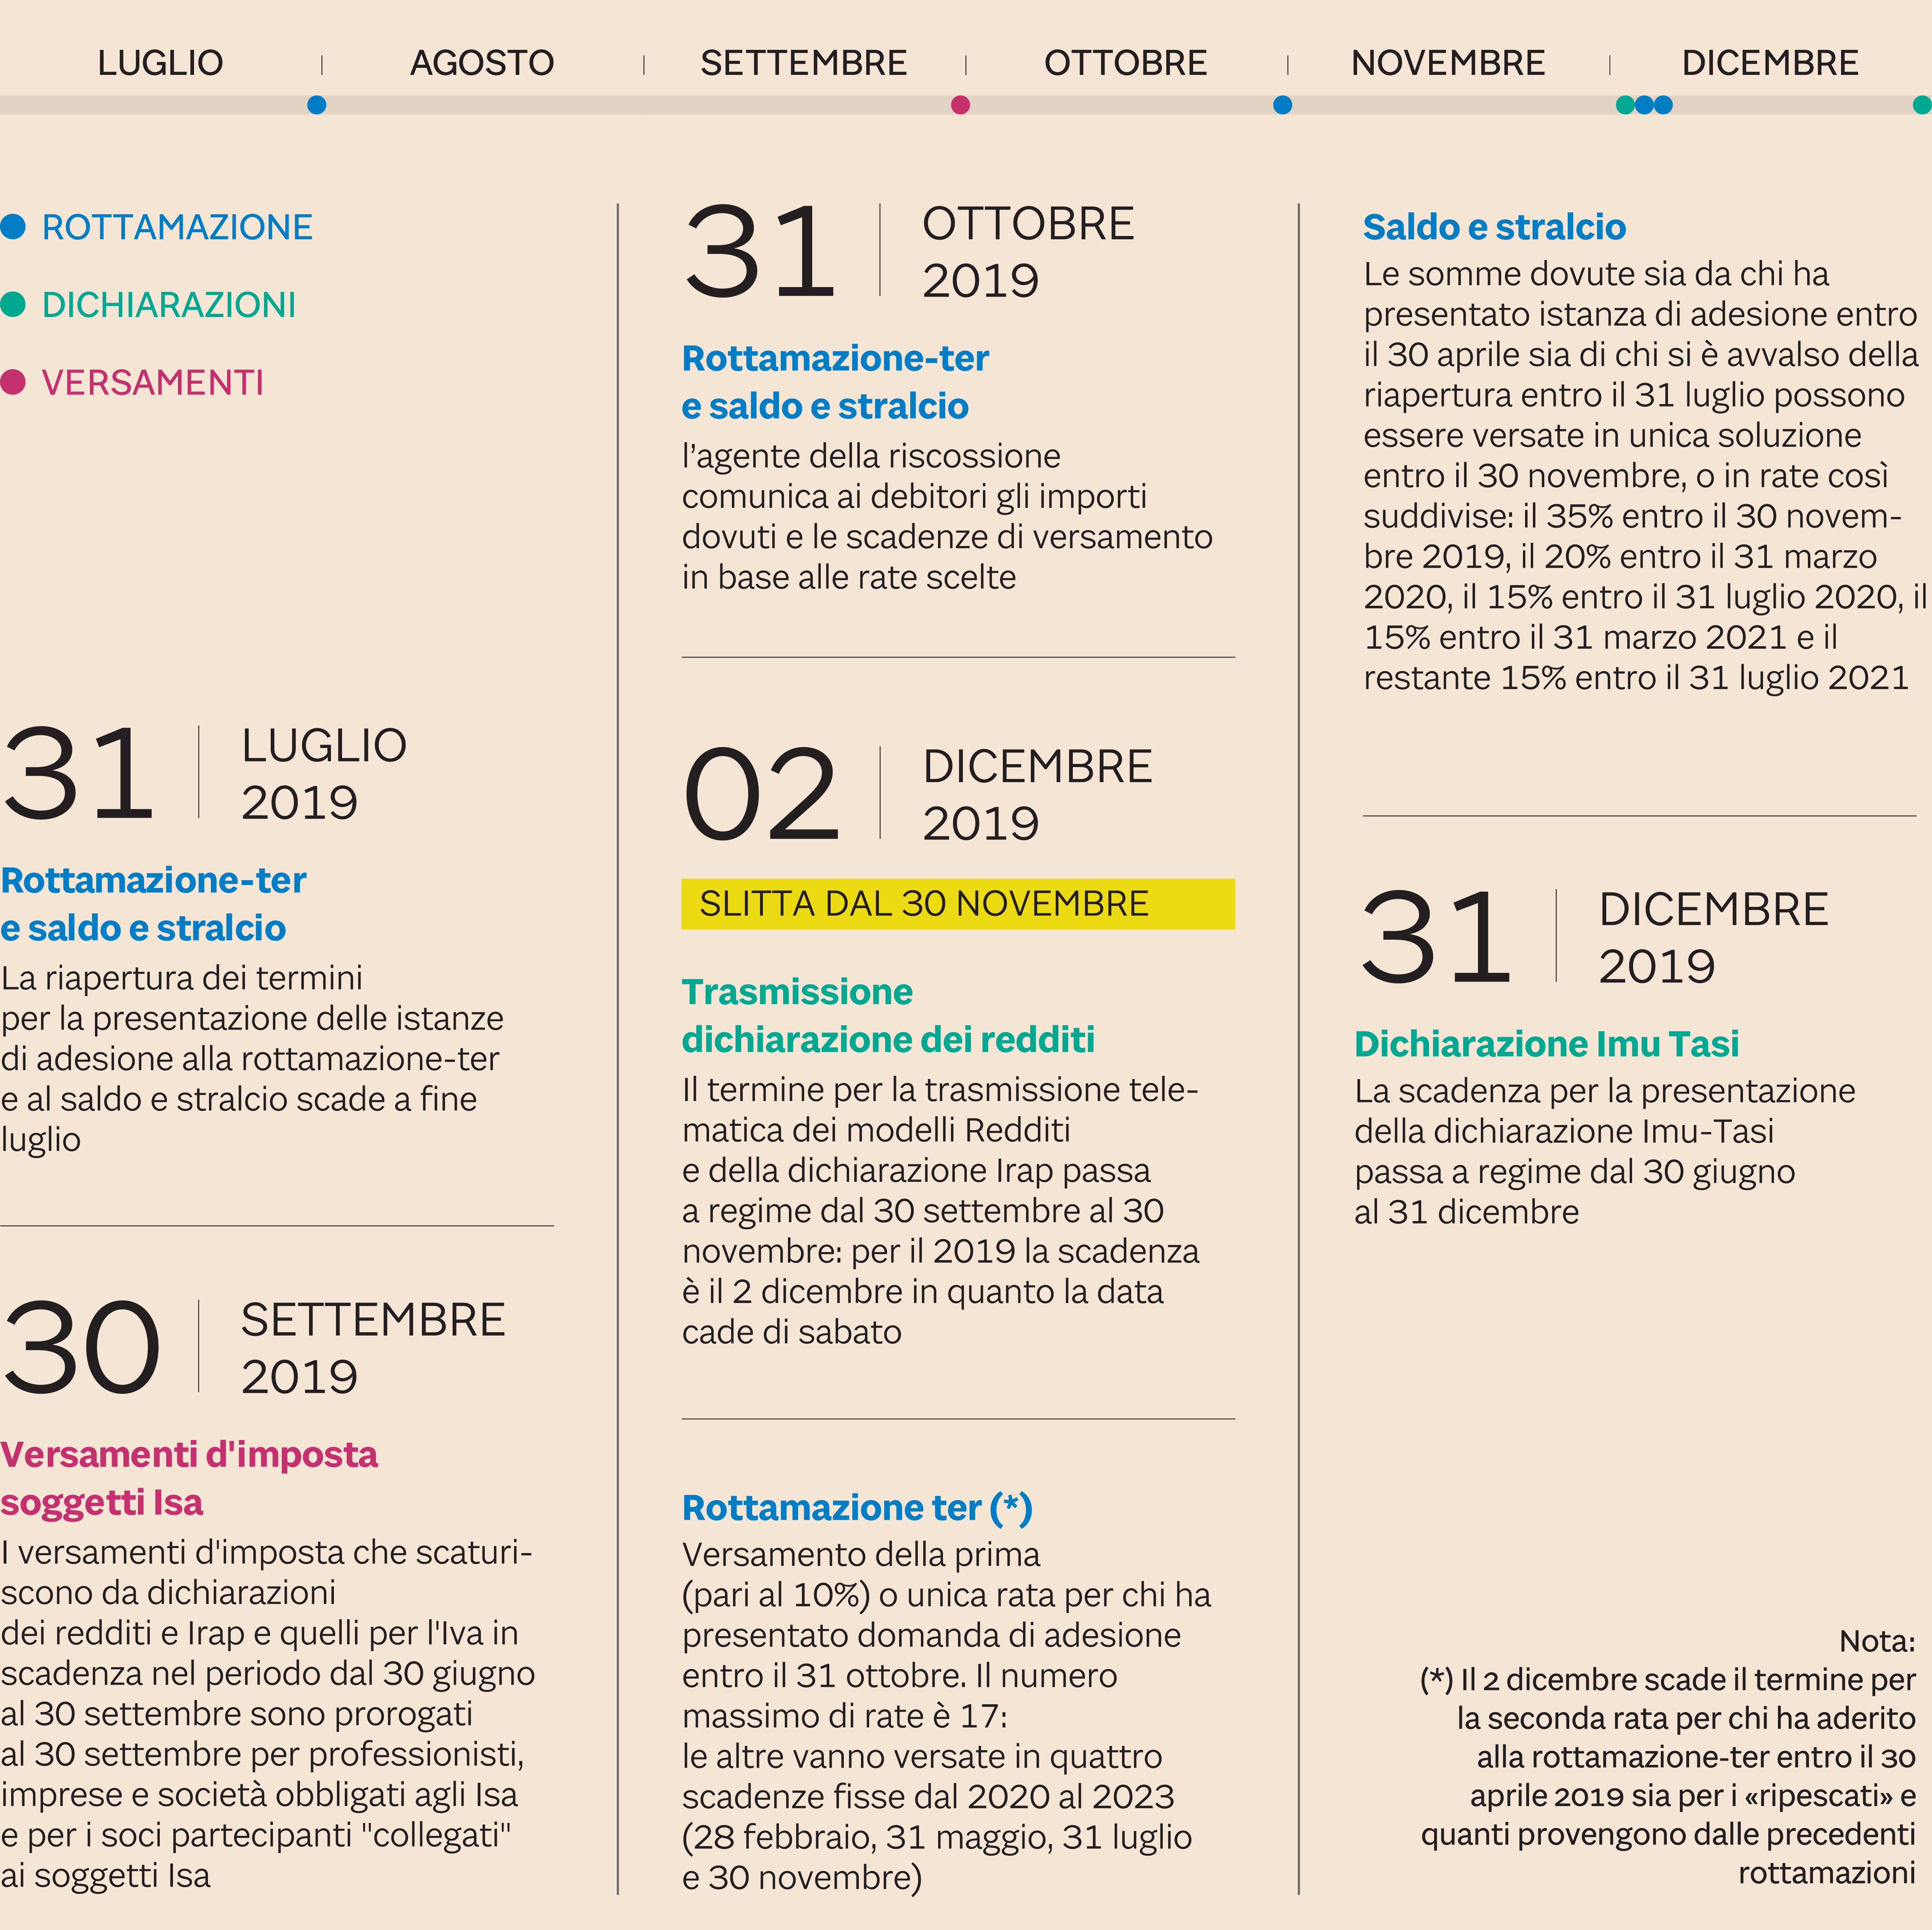 Calendario Fiscale.Pace Fiscale Modelli E Versamenti Il Calendario Cambia In